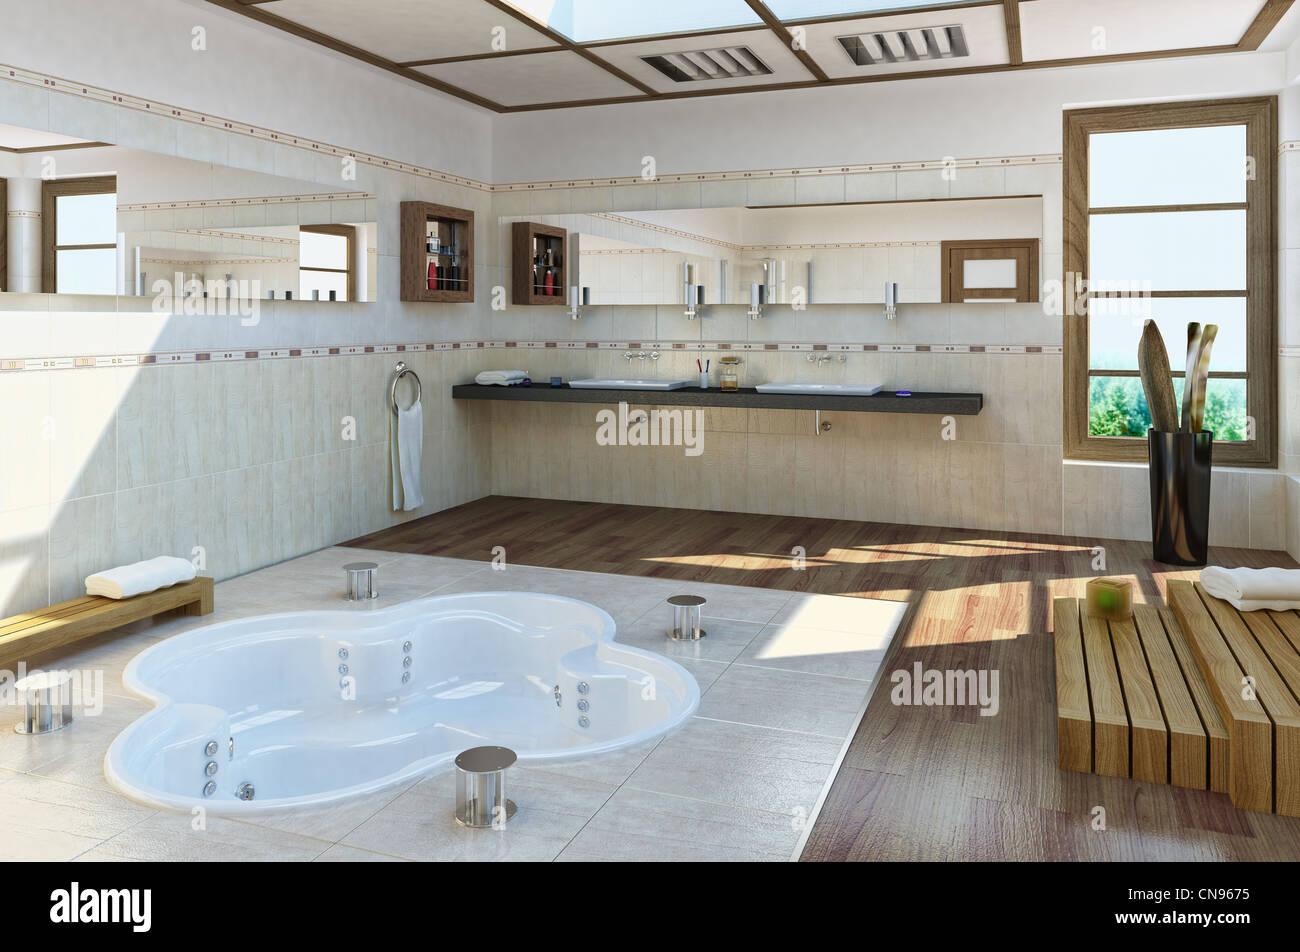 Große Luxus Badezimmer Mit Badewanne In Den Boden.